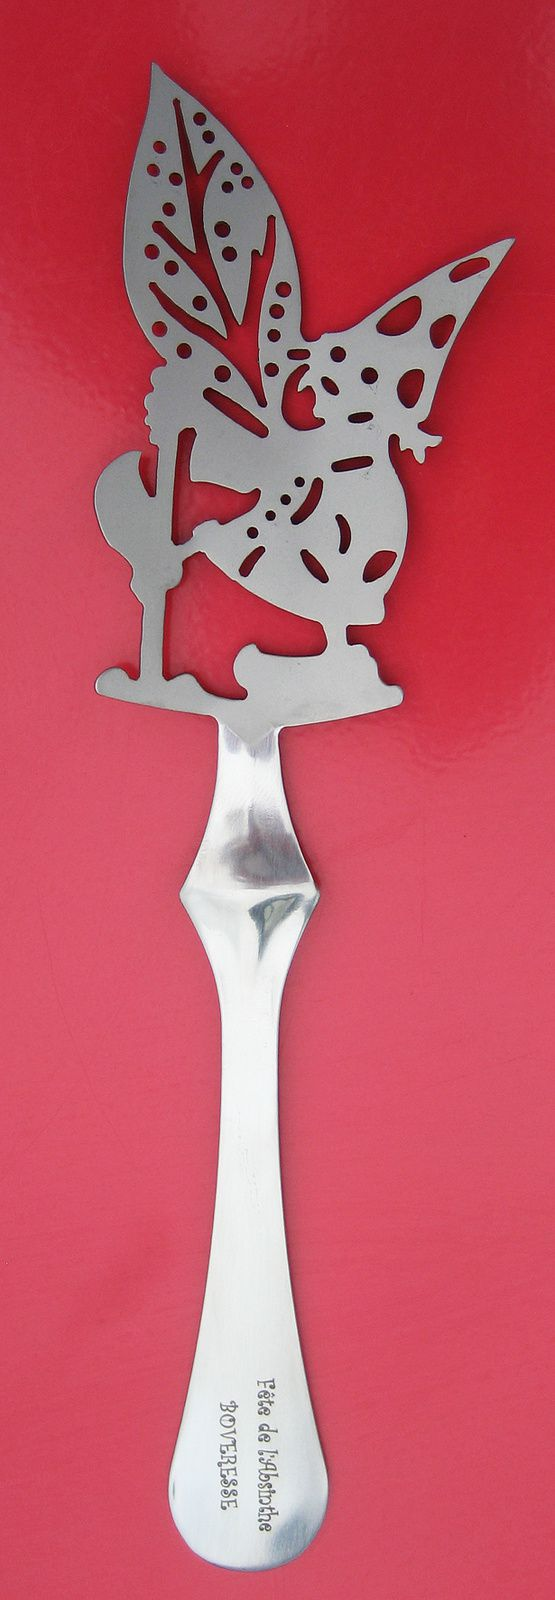 Petite fée portant une plante d'absinthe. Création Jean-Marie Bortolini pour la 6ème Fête de l'Absinthe, 14 juin 2003.